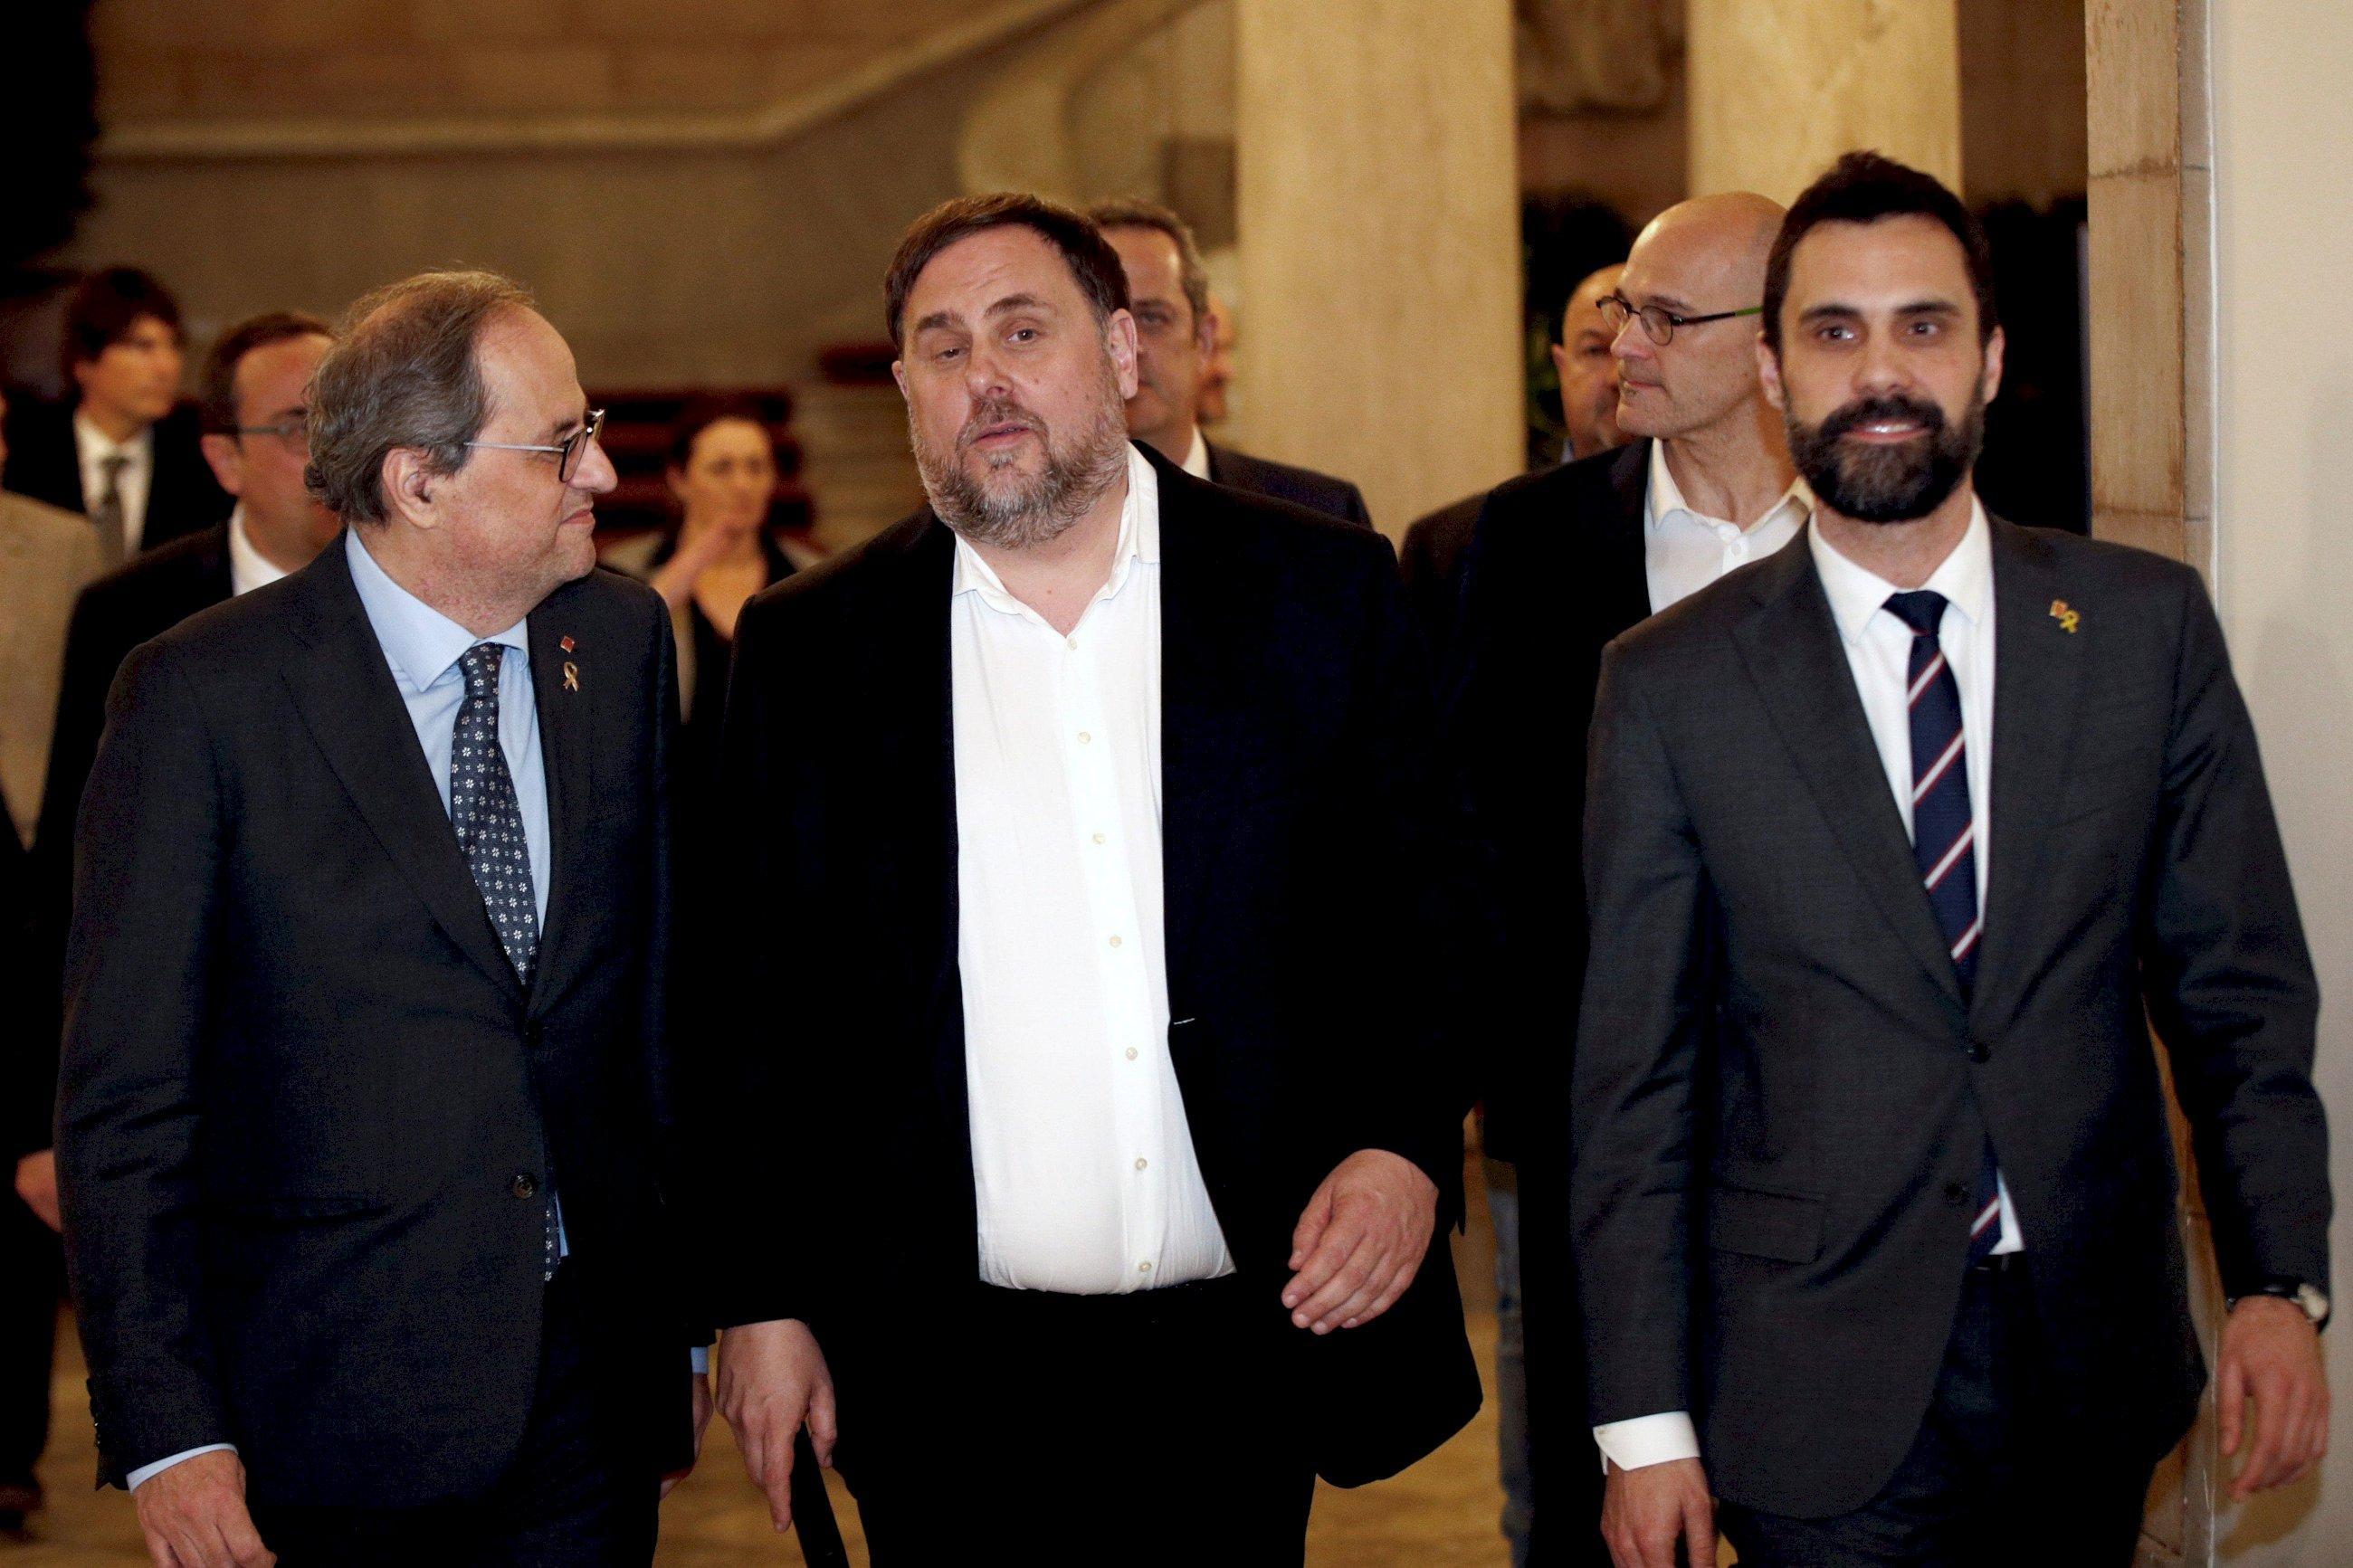 Quim Torra, Oriol Junqueras y Roger Torrent tras la comparecencia de los políticos catalanes presos en la comisión de investigación del 155 en el Parlament, el 28 de enero de 2020 | EFE/AG/Archivo